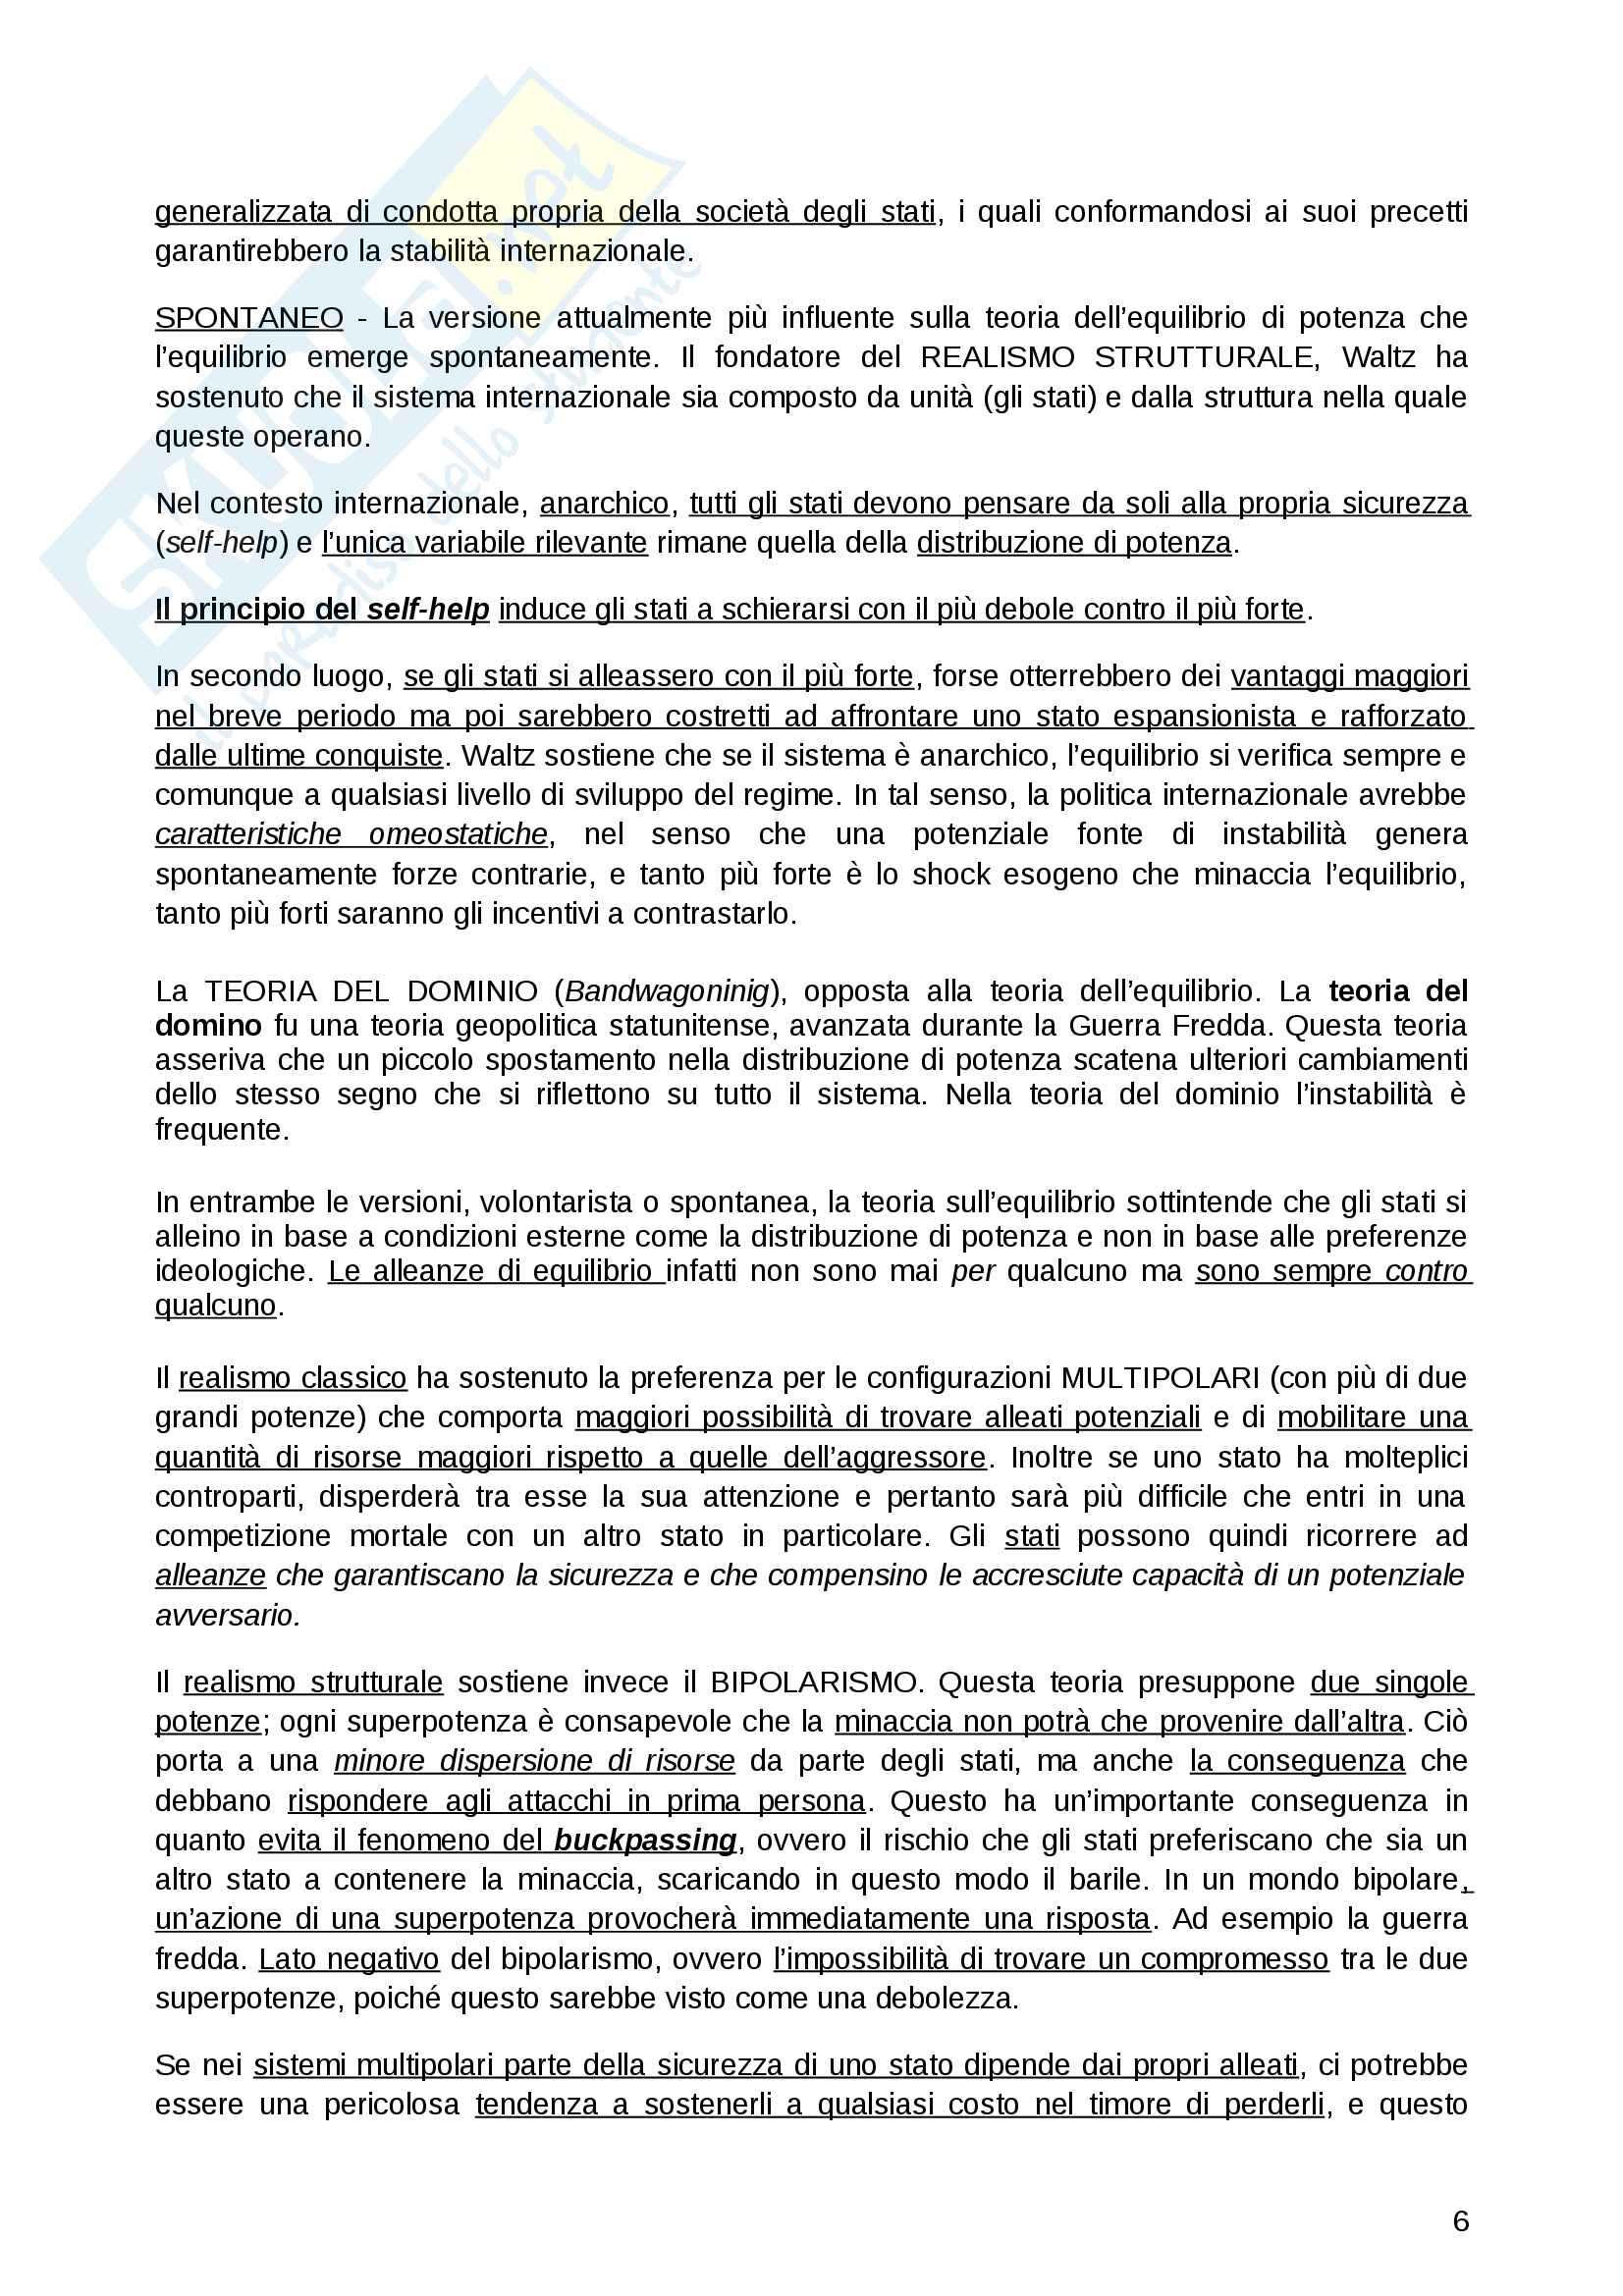 Riassunto esame per la materia Relazioni Internazionali, prof.Parsi, libro consigliato Relazioni internazionali, autori: Andreatta, Clementi, Colombo, Parsi Pag. 6